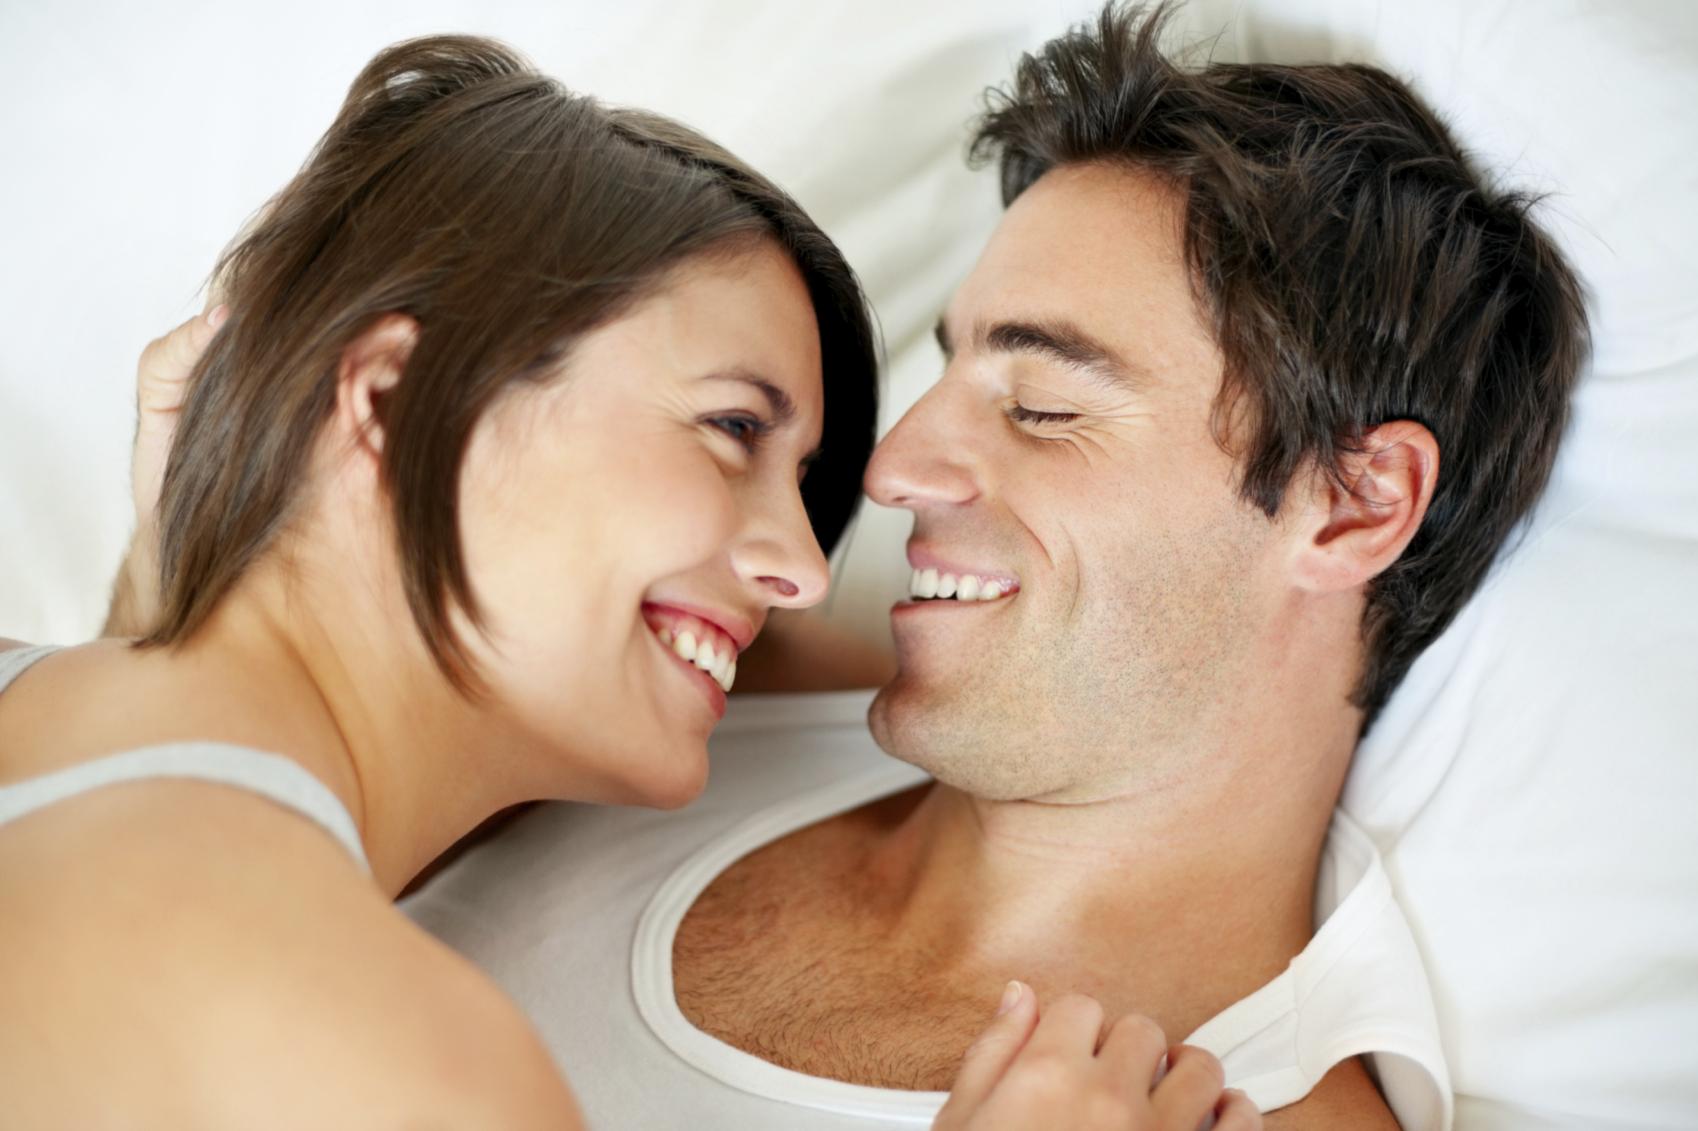 kak-vliyaet-regulyarniy-seks-na-zdorove